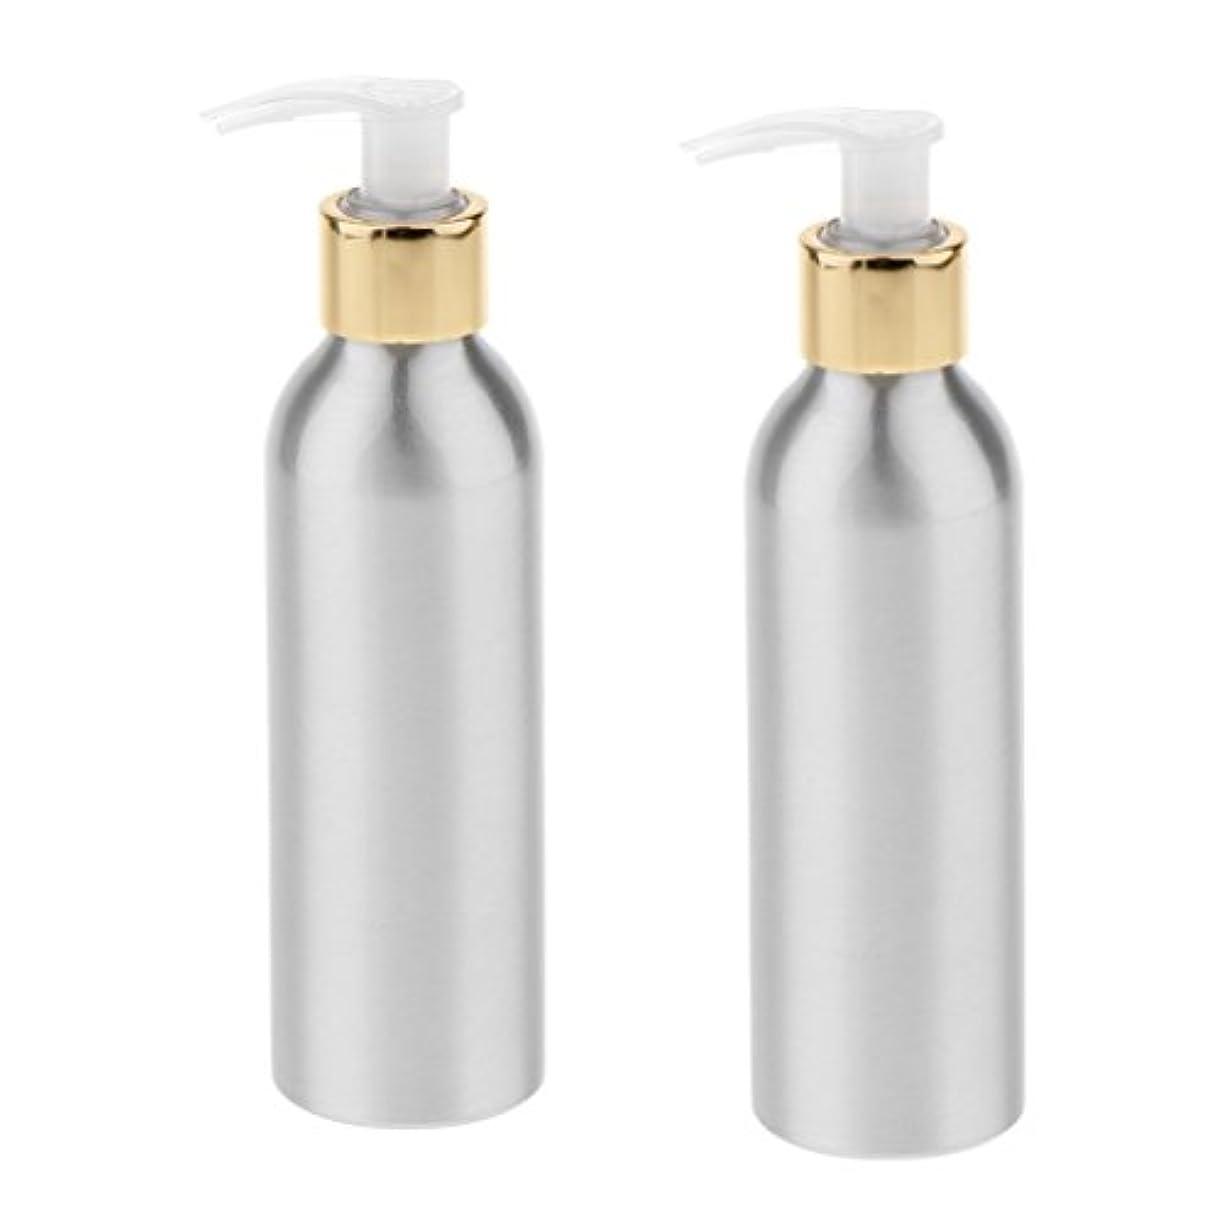 薄める贅沢な豆腐2本 スプレーボトル 空ボトル アルミボトル スプレー ポンプボトル 香水ボトル シャンプー 噴霧器 アトマイザー 6サイズ選択 - 150m